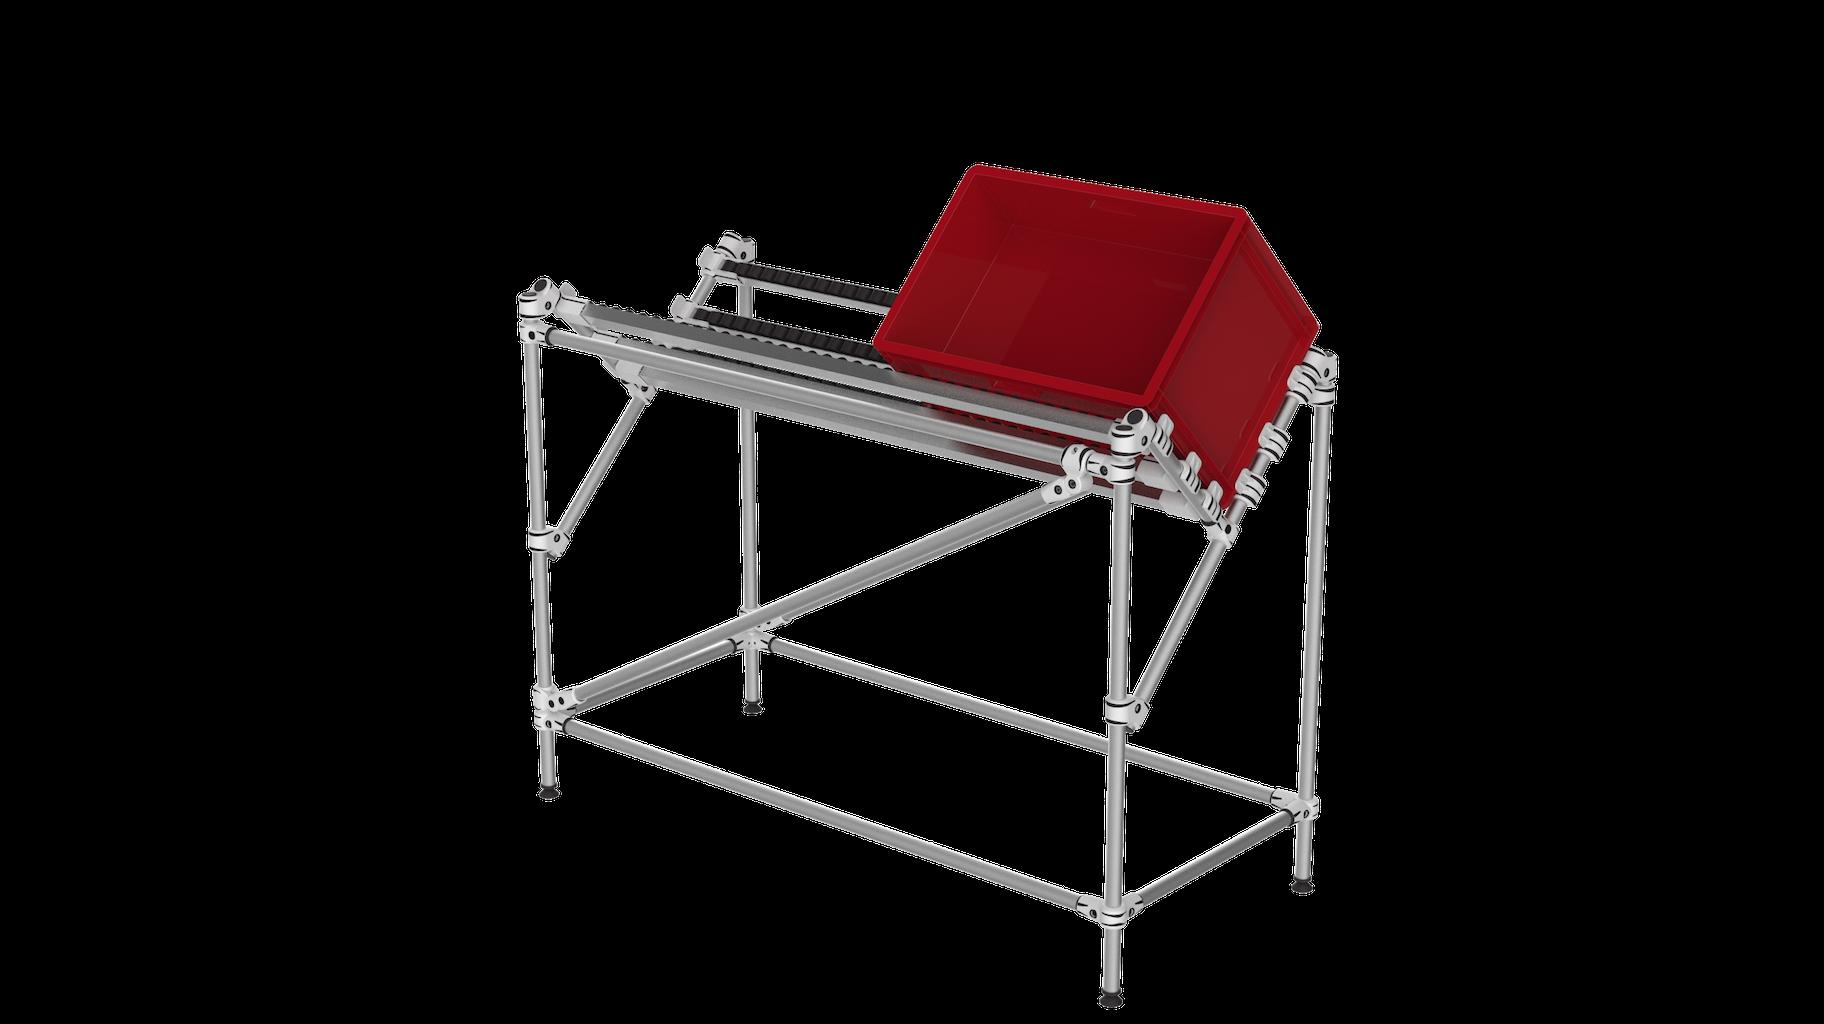 Box picking conveyor